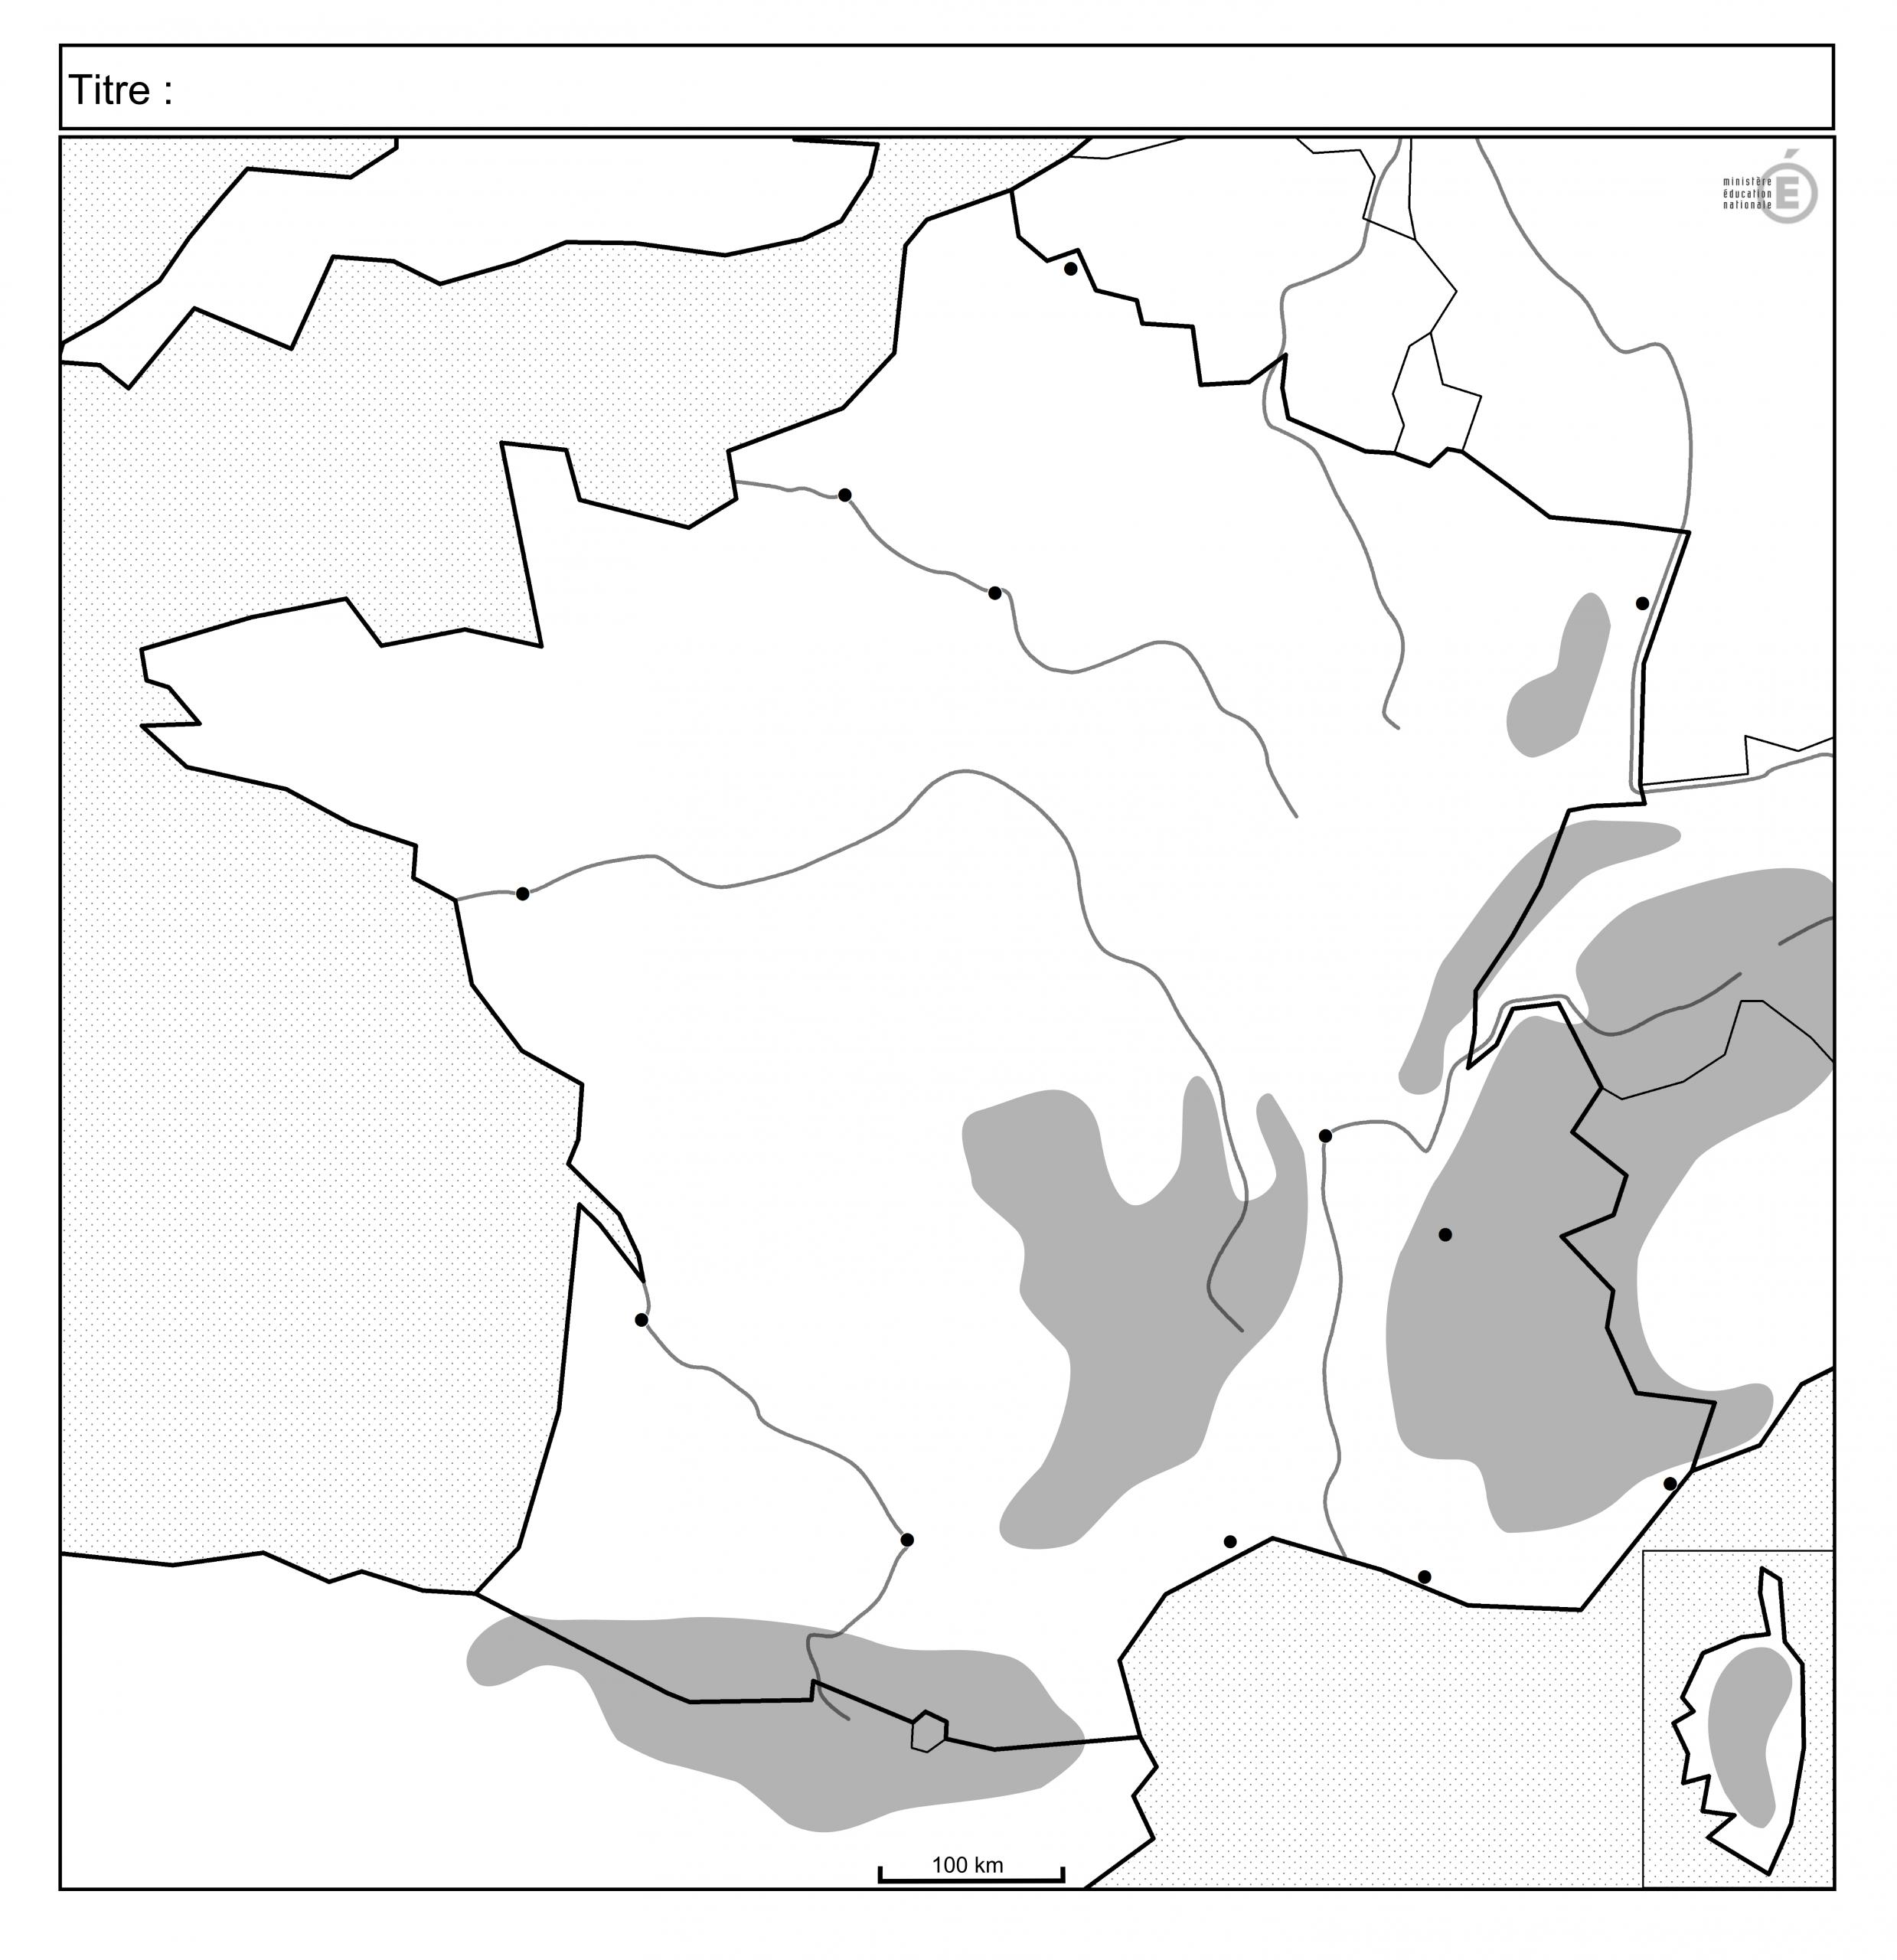 Fonds De Carte - Histoire-Géographie - Éduscol concernant Carte France Vierge Villes